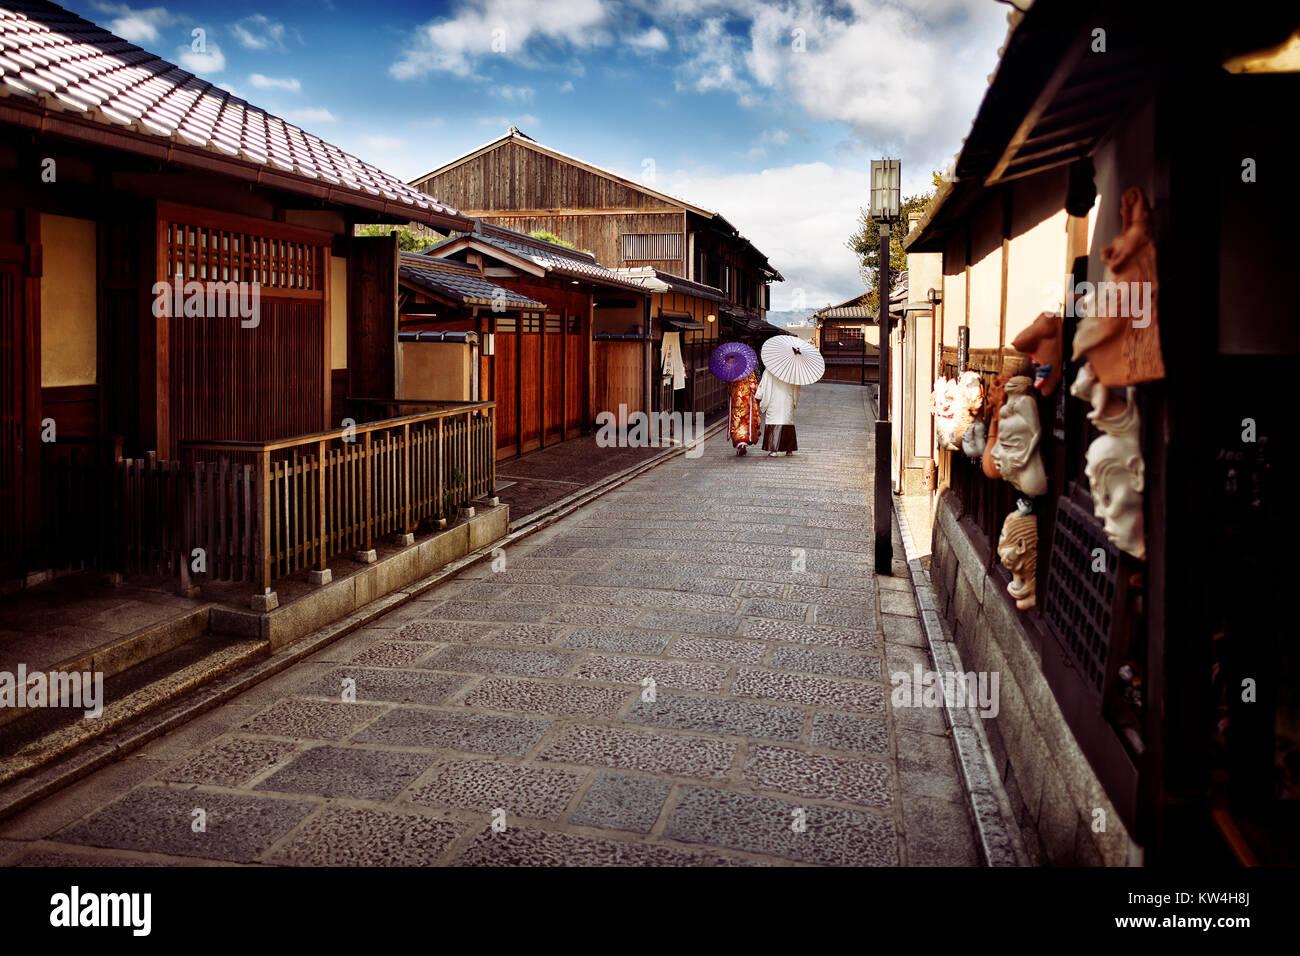 Giovane giapponesi con ombrelloni indossando il tradizionale kimono camminare in una vecchia strada di Yasaka dori, Immagini Stock